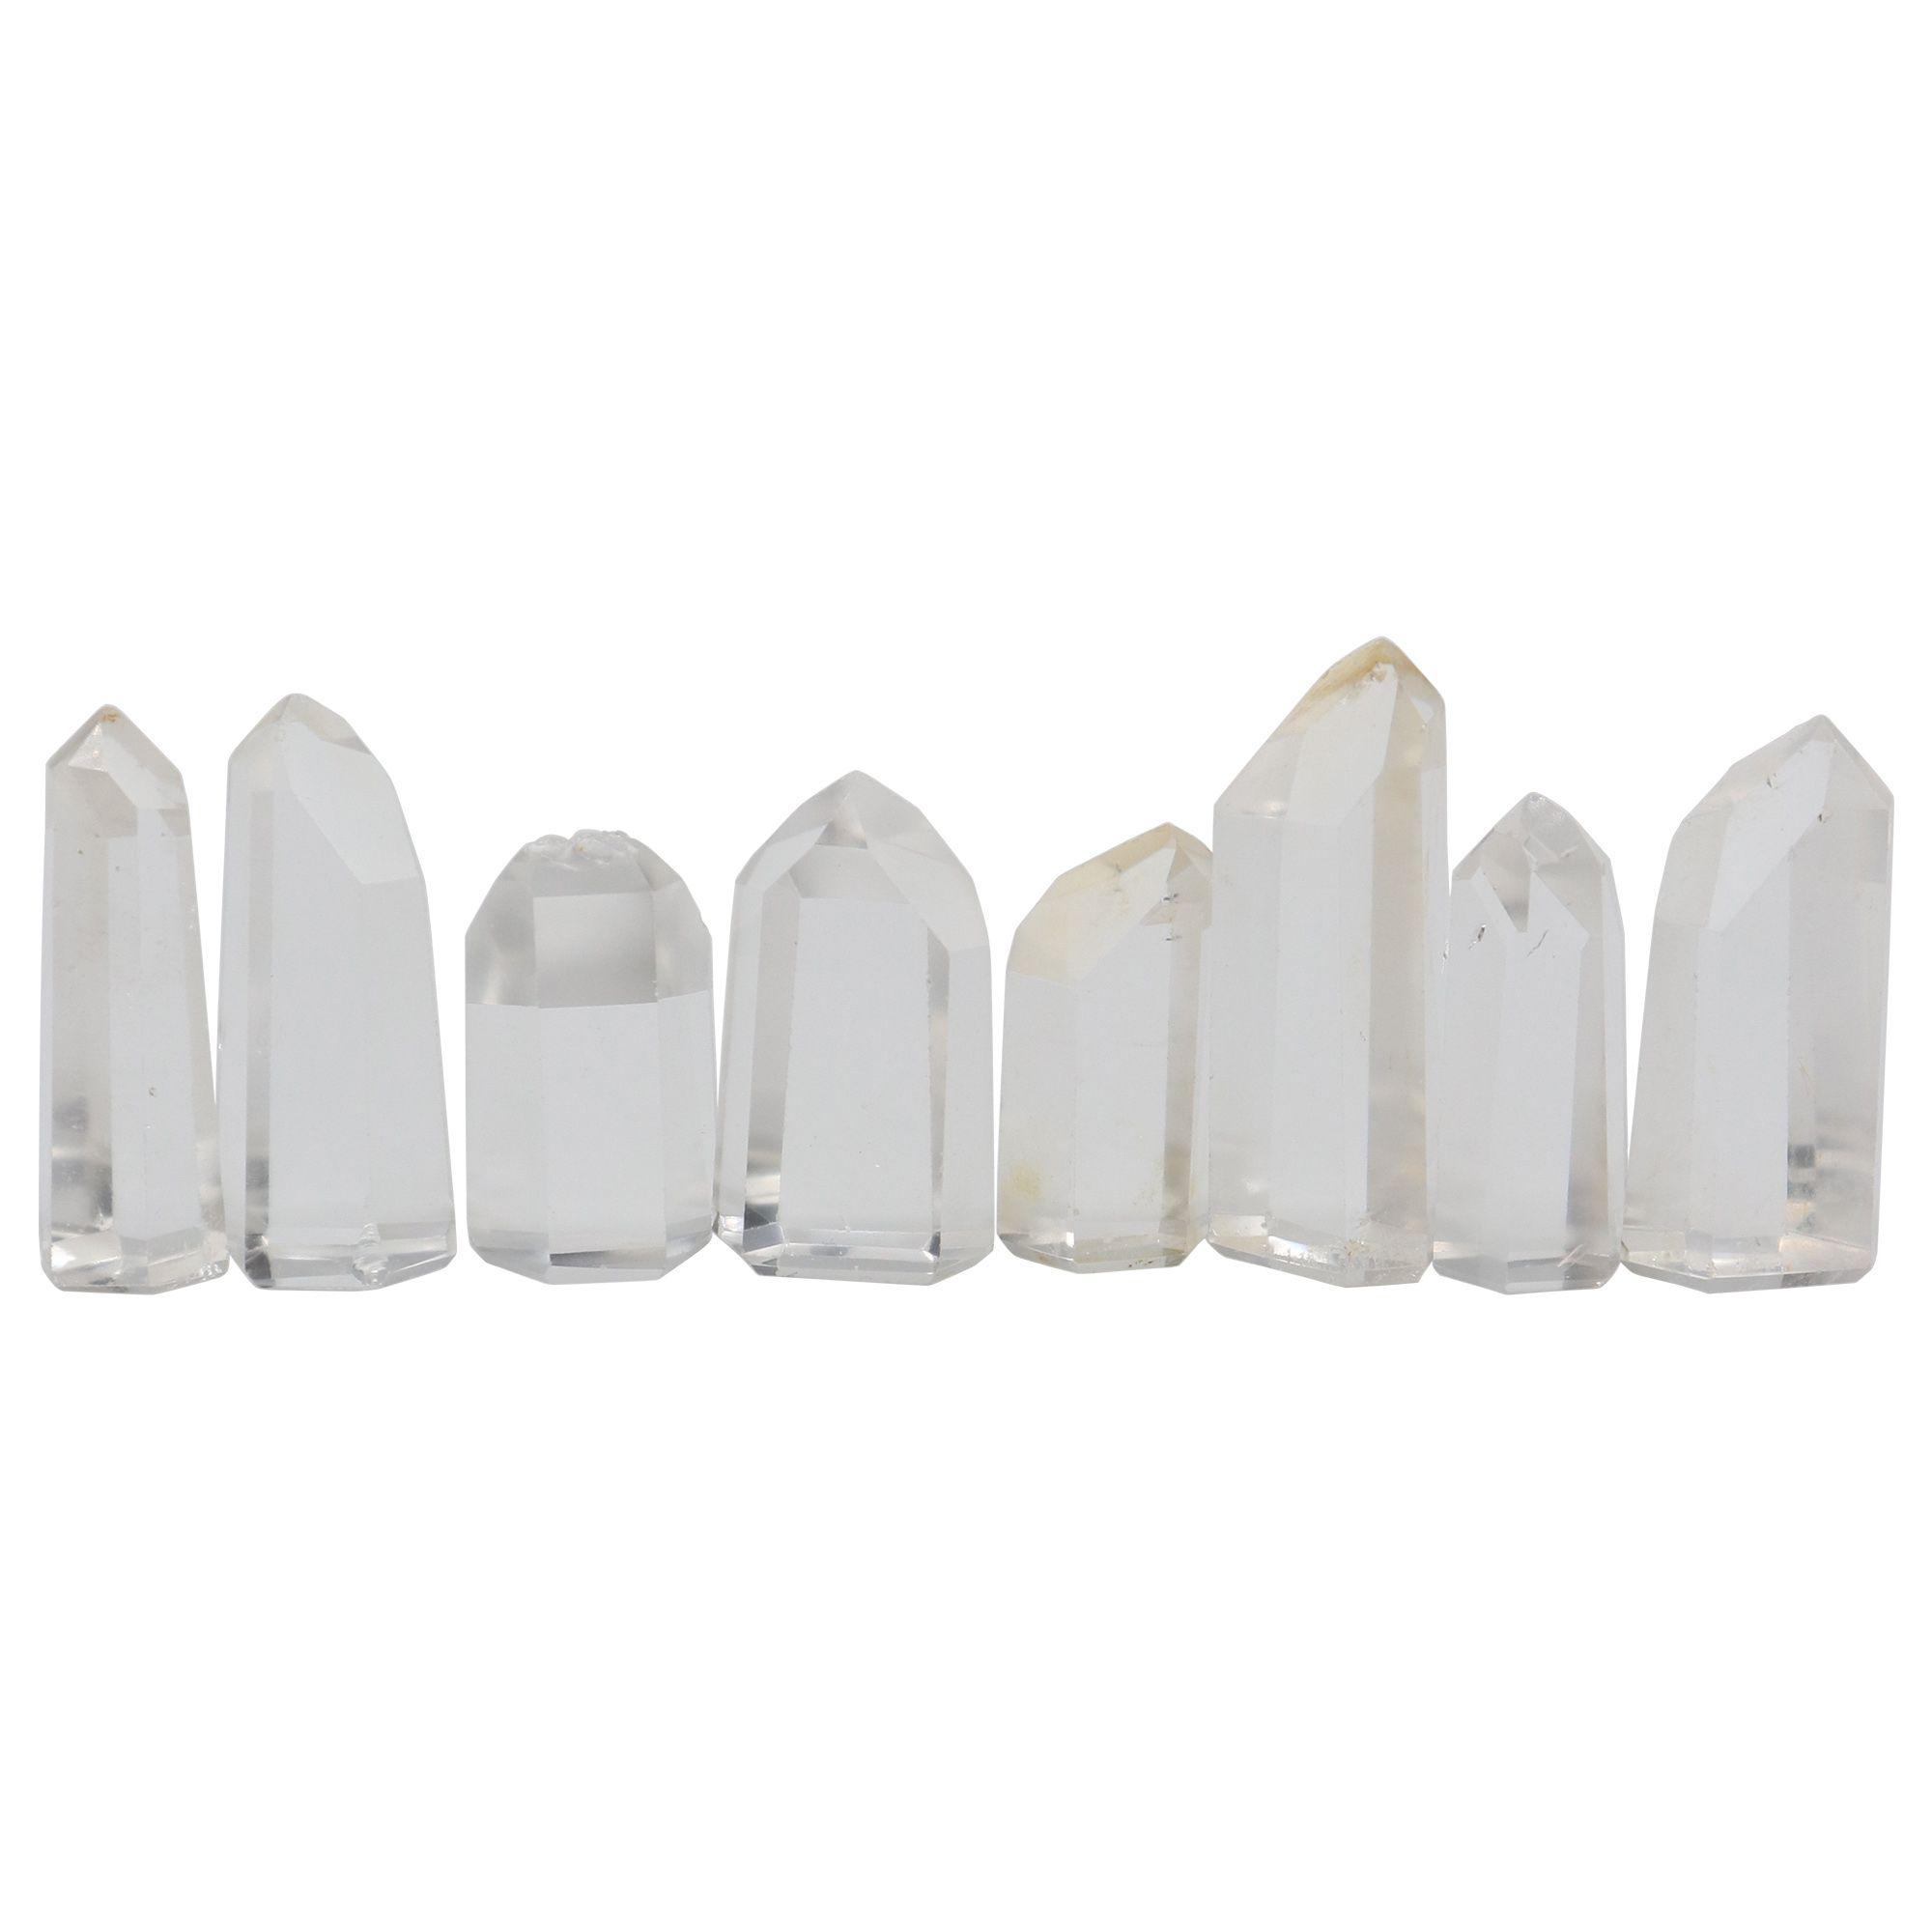 Cristal Quartzo 12 à 25g - Polido